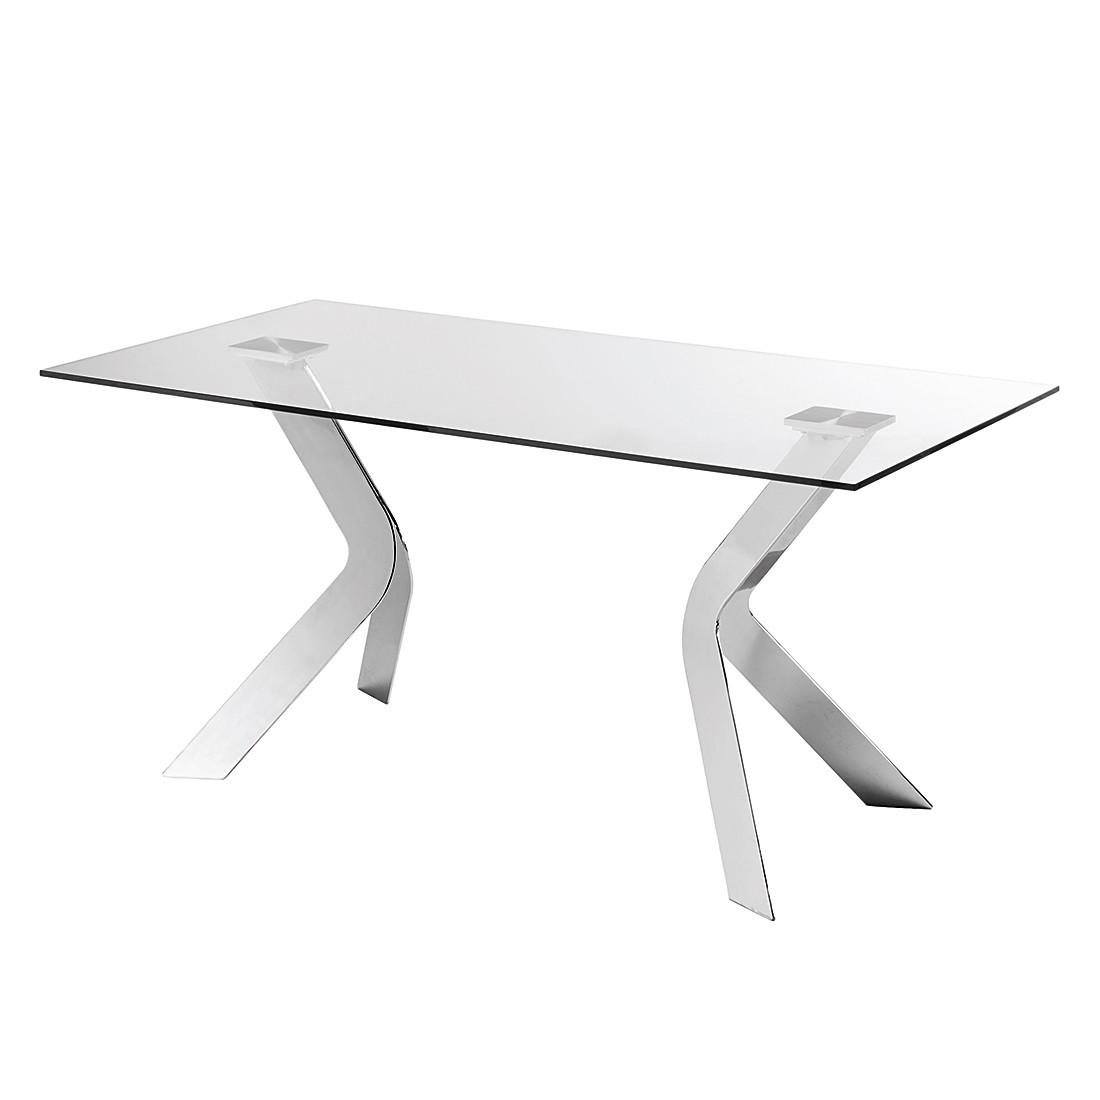 Esstische online kaufen  Möbel-Suchmaschine  ladendirekt.de